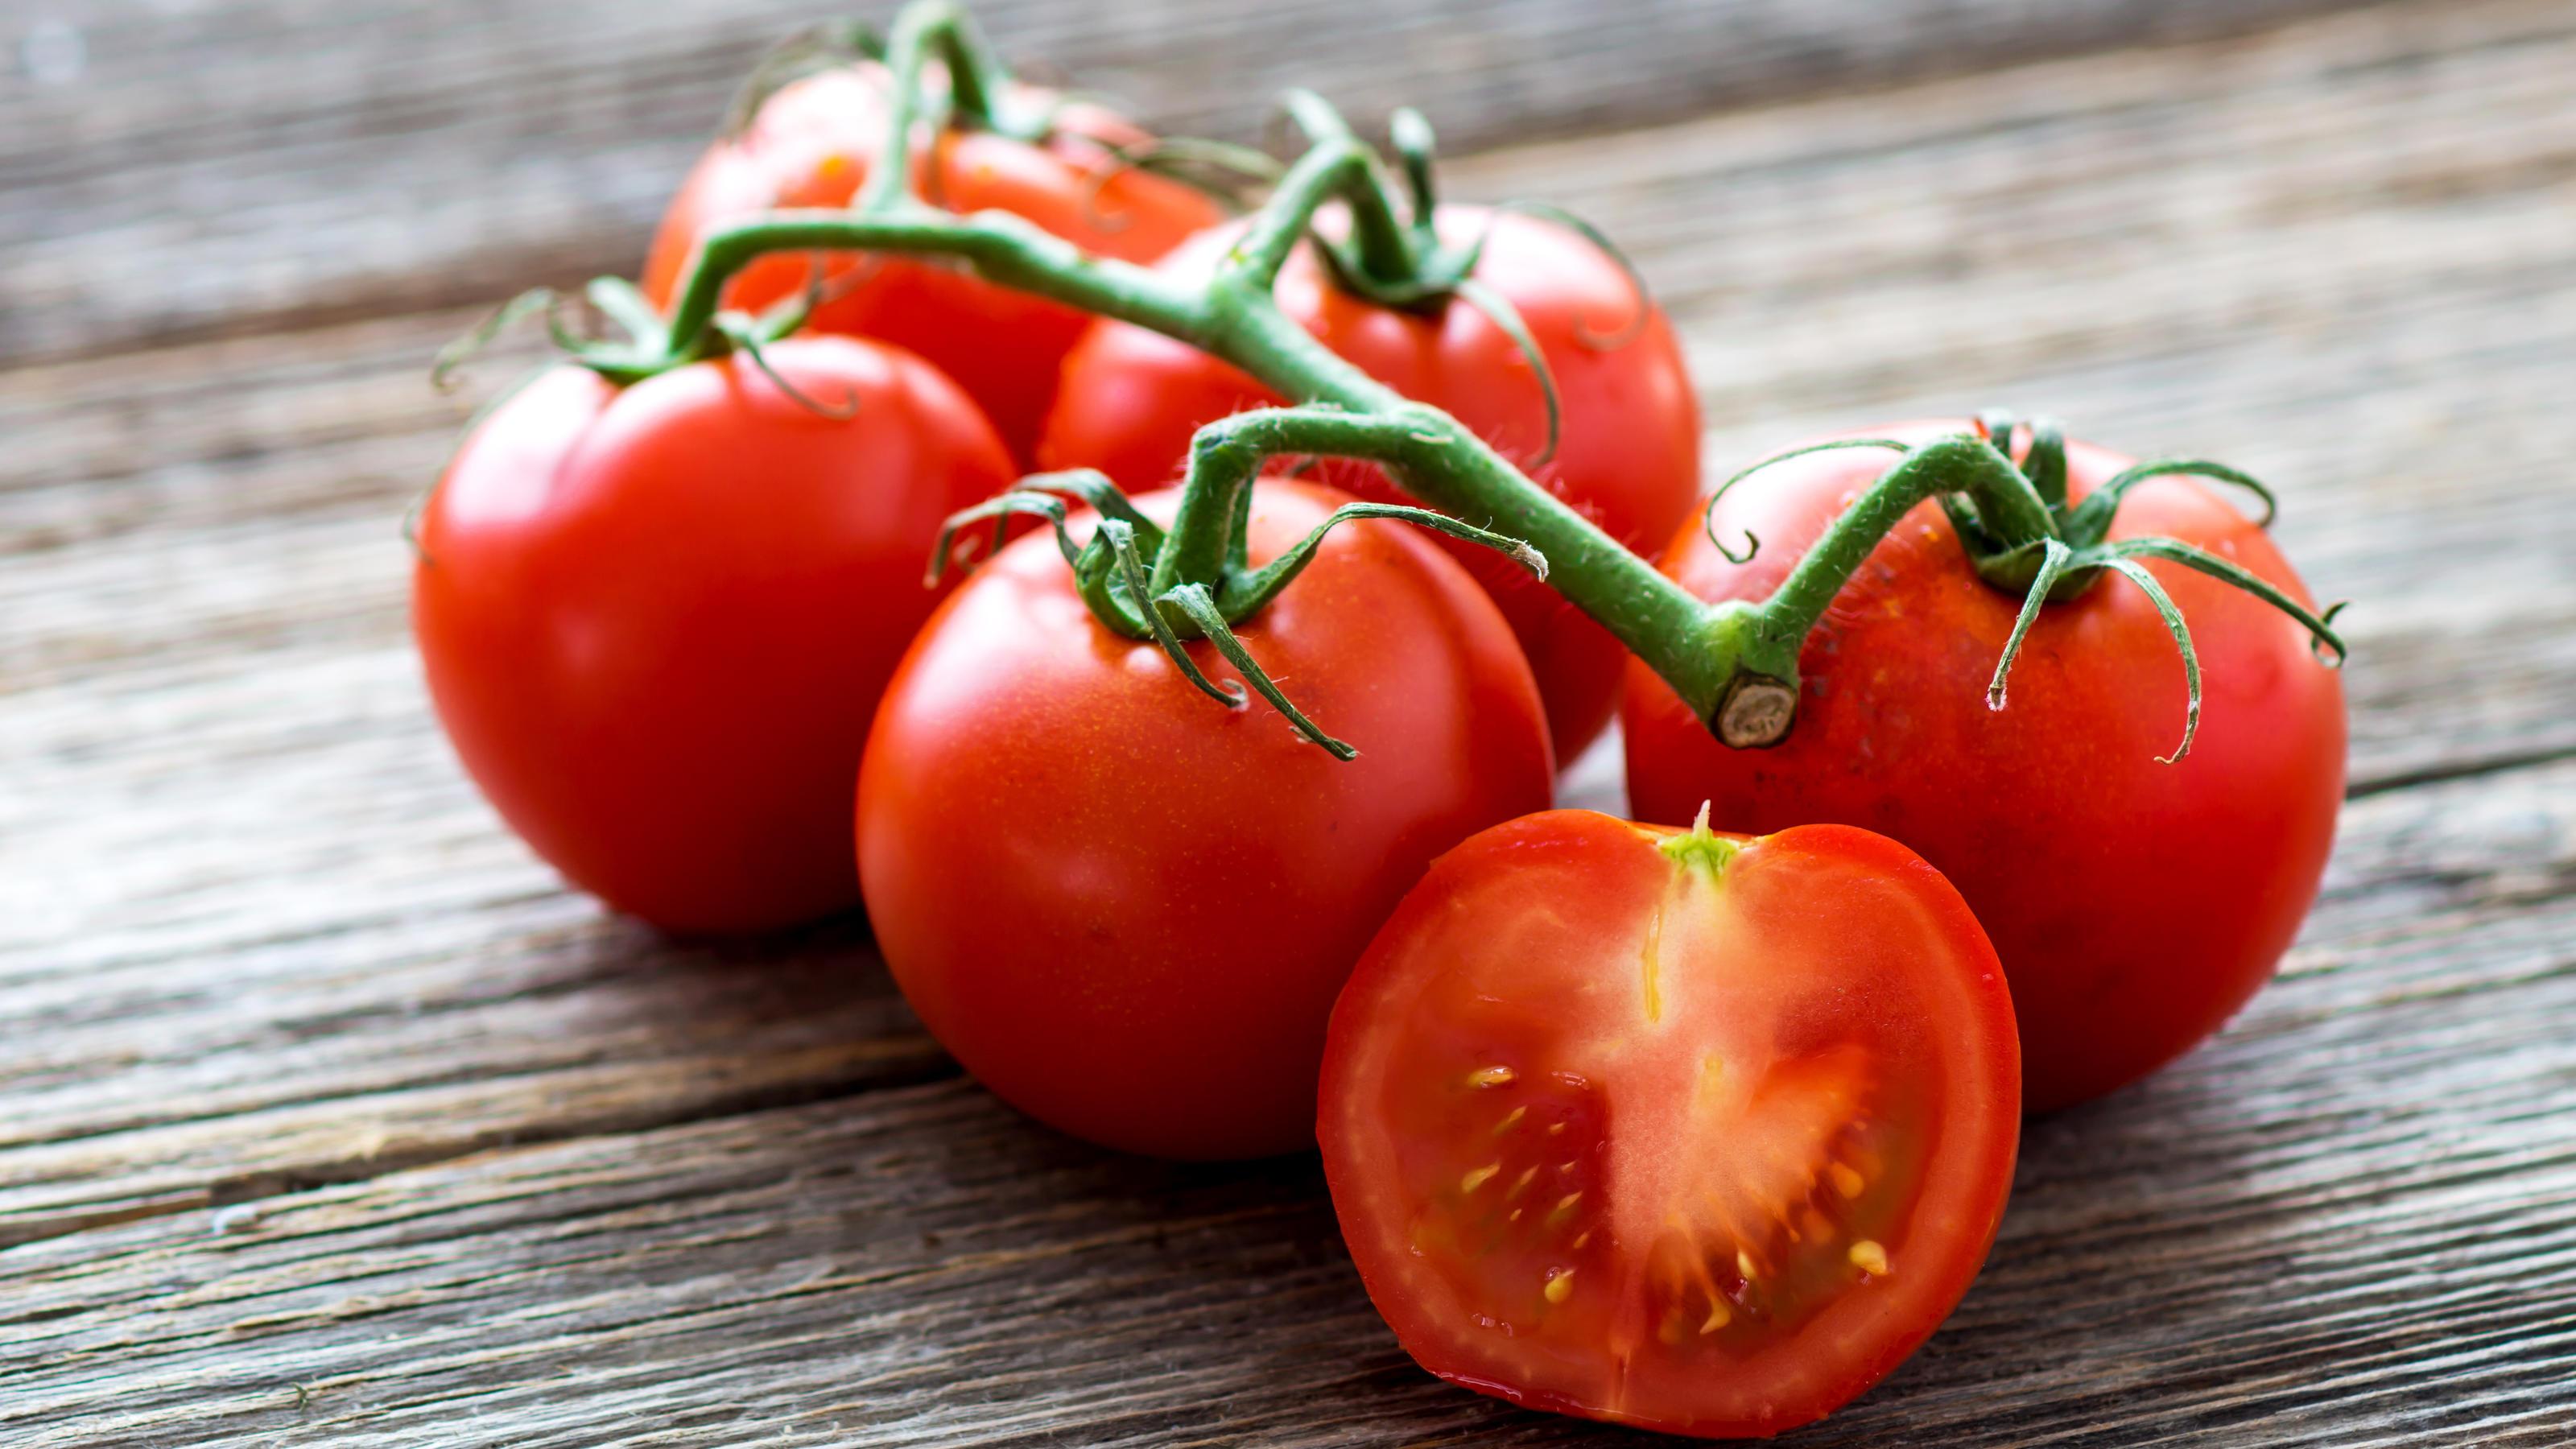 Sechs rote Tomaten liegen auf einem dunkelbraunen Holztisch